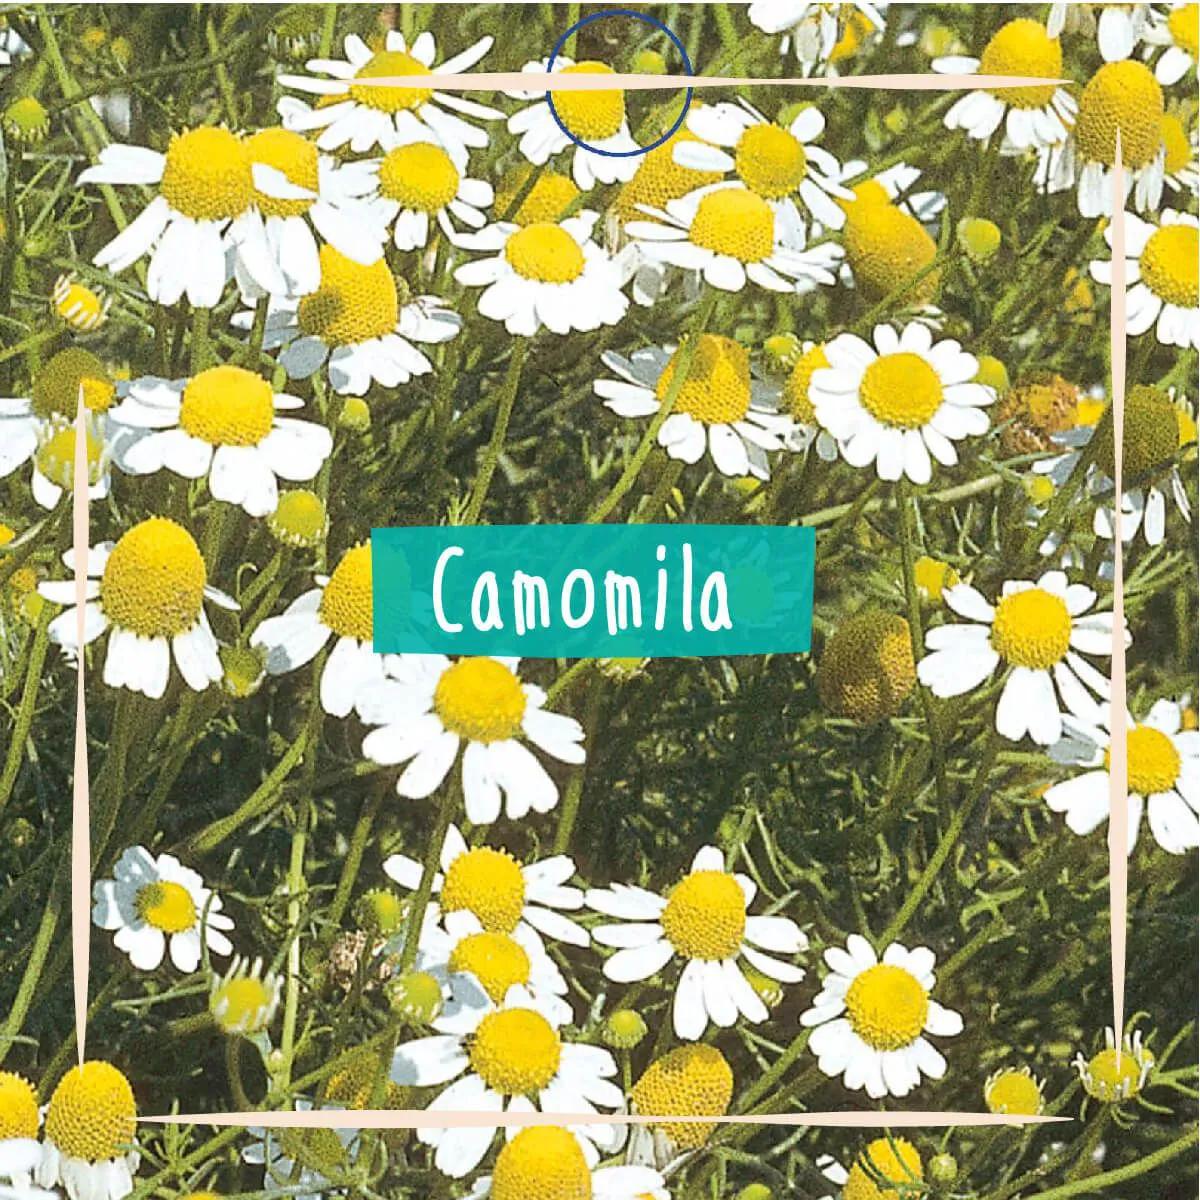 Sementes para plantar Camomila em vasos autoirrigáveis RAIZ  - Vasos Raiz Loja Oficial